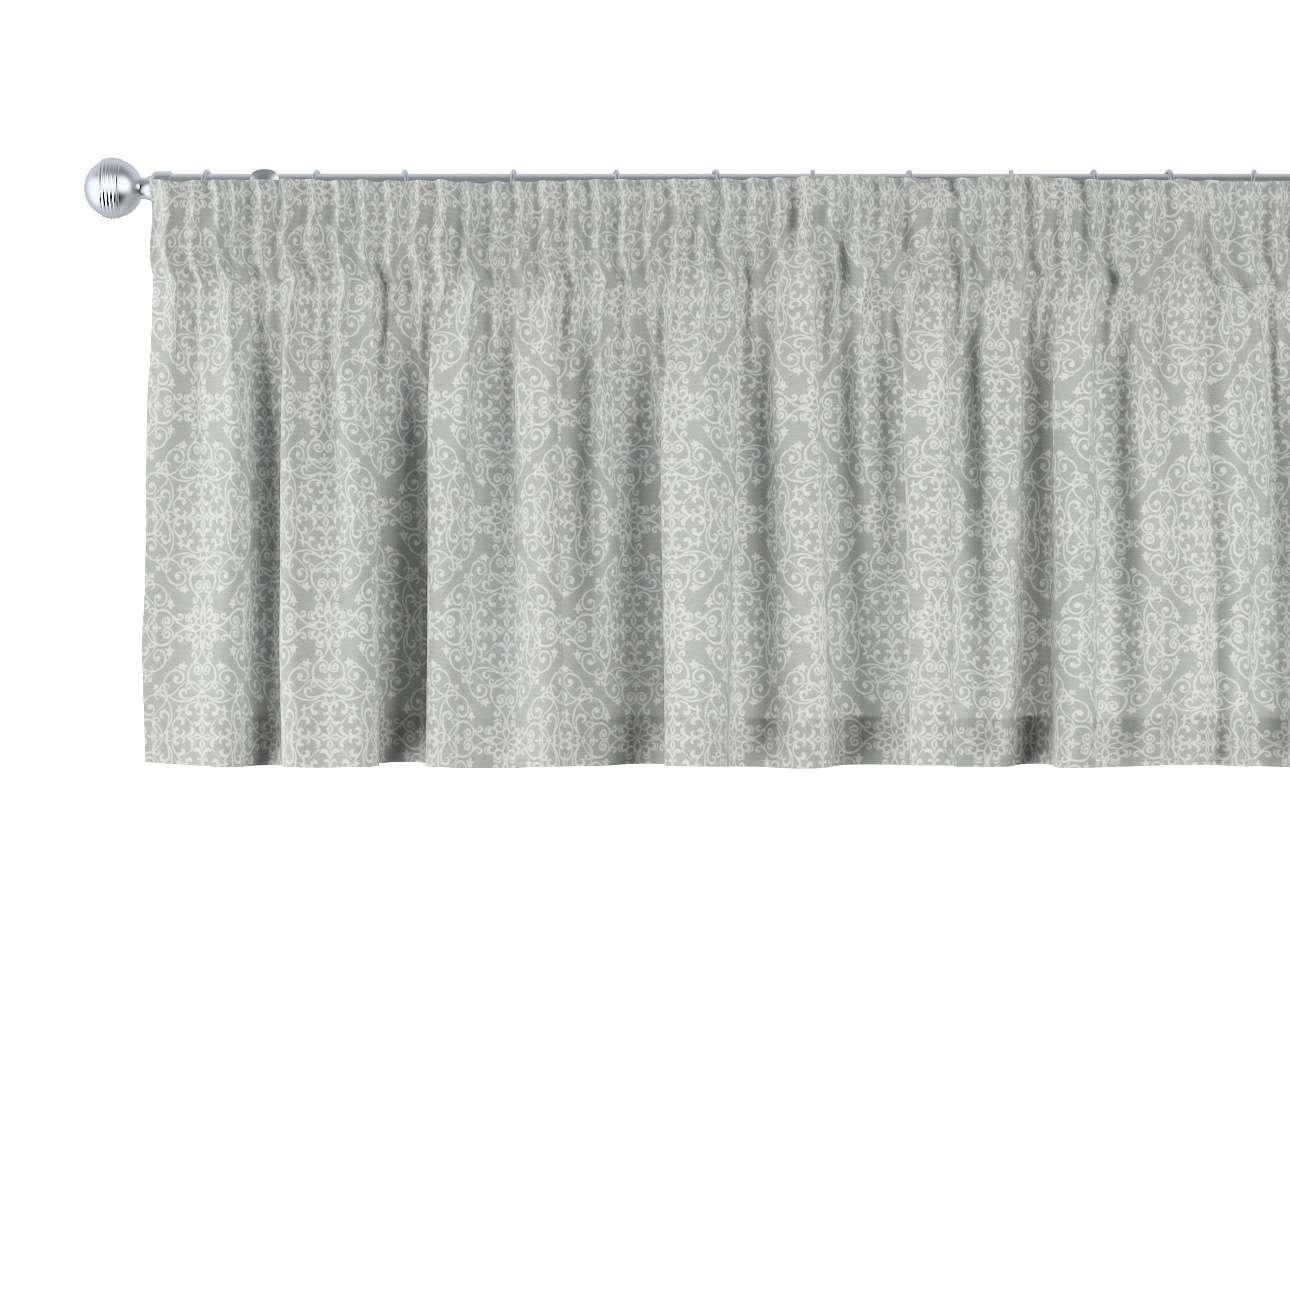 Lambrekin na taśmie marszczącej 130 x 40 cm w kolekcji Flowers, tkanina: 140-38